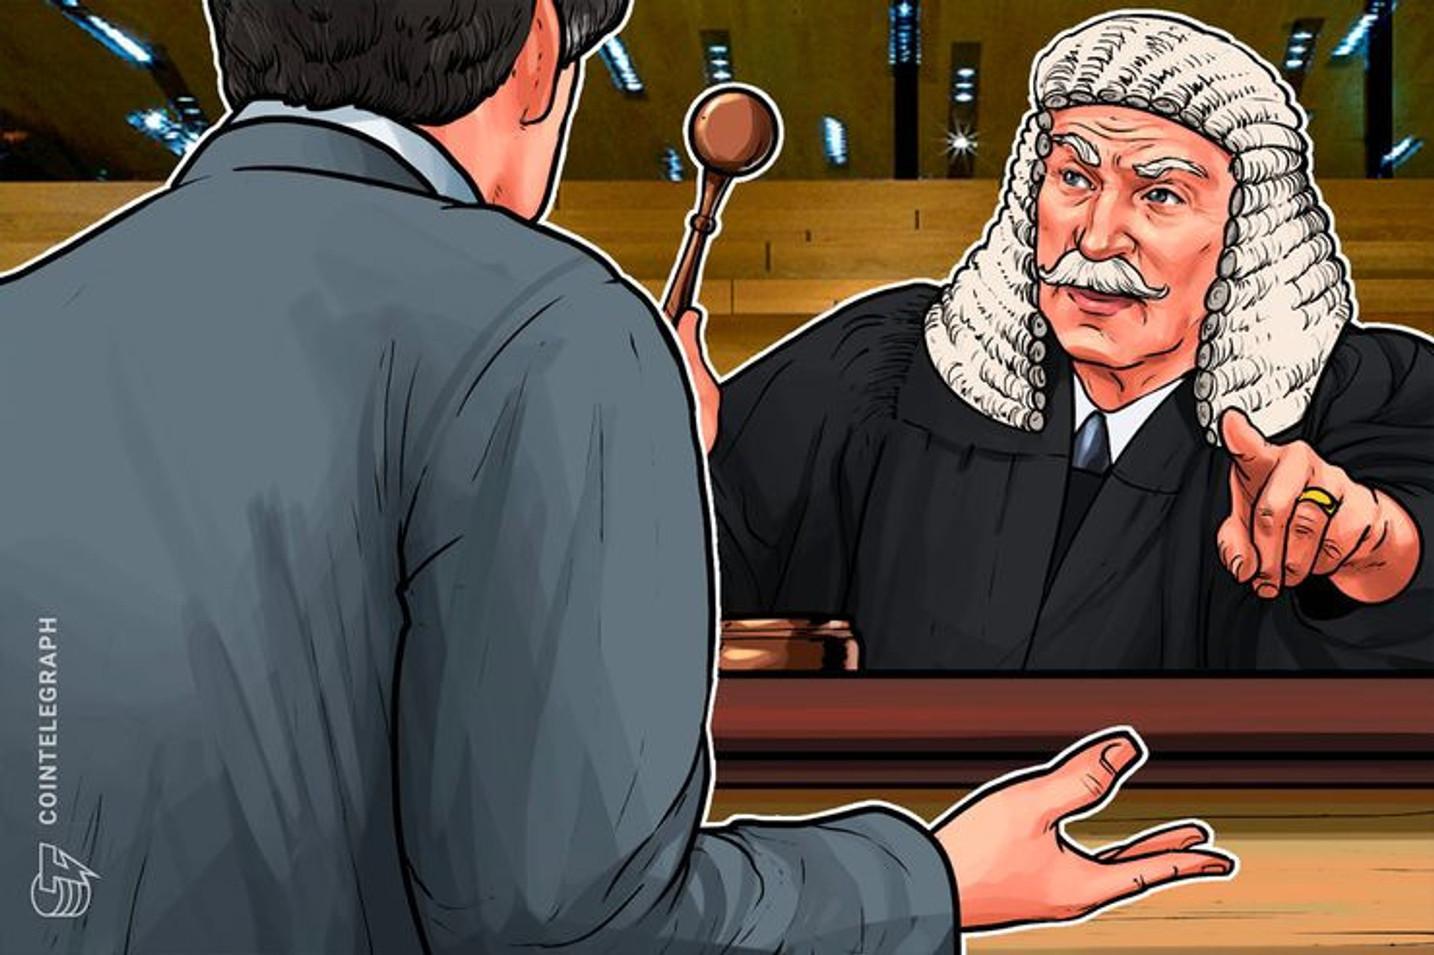 Juiz diz que se investidor da Unick Forex queria segurança deveria ter aplicado na poupança